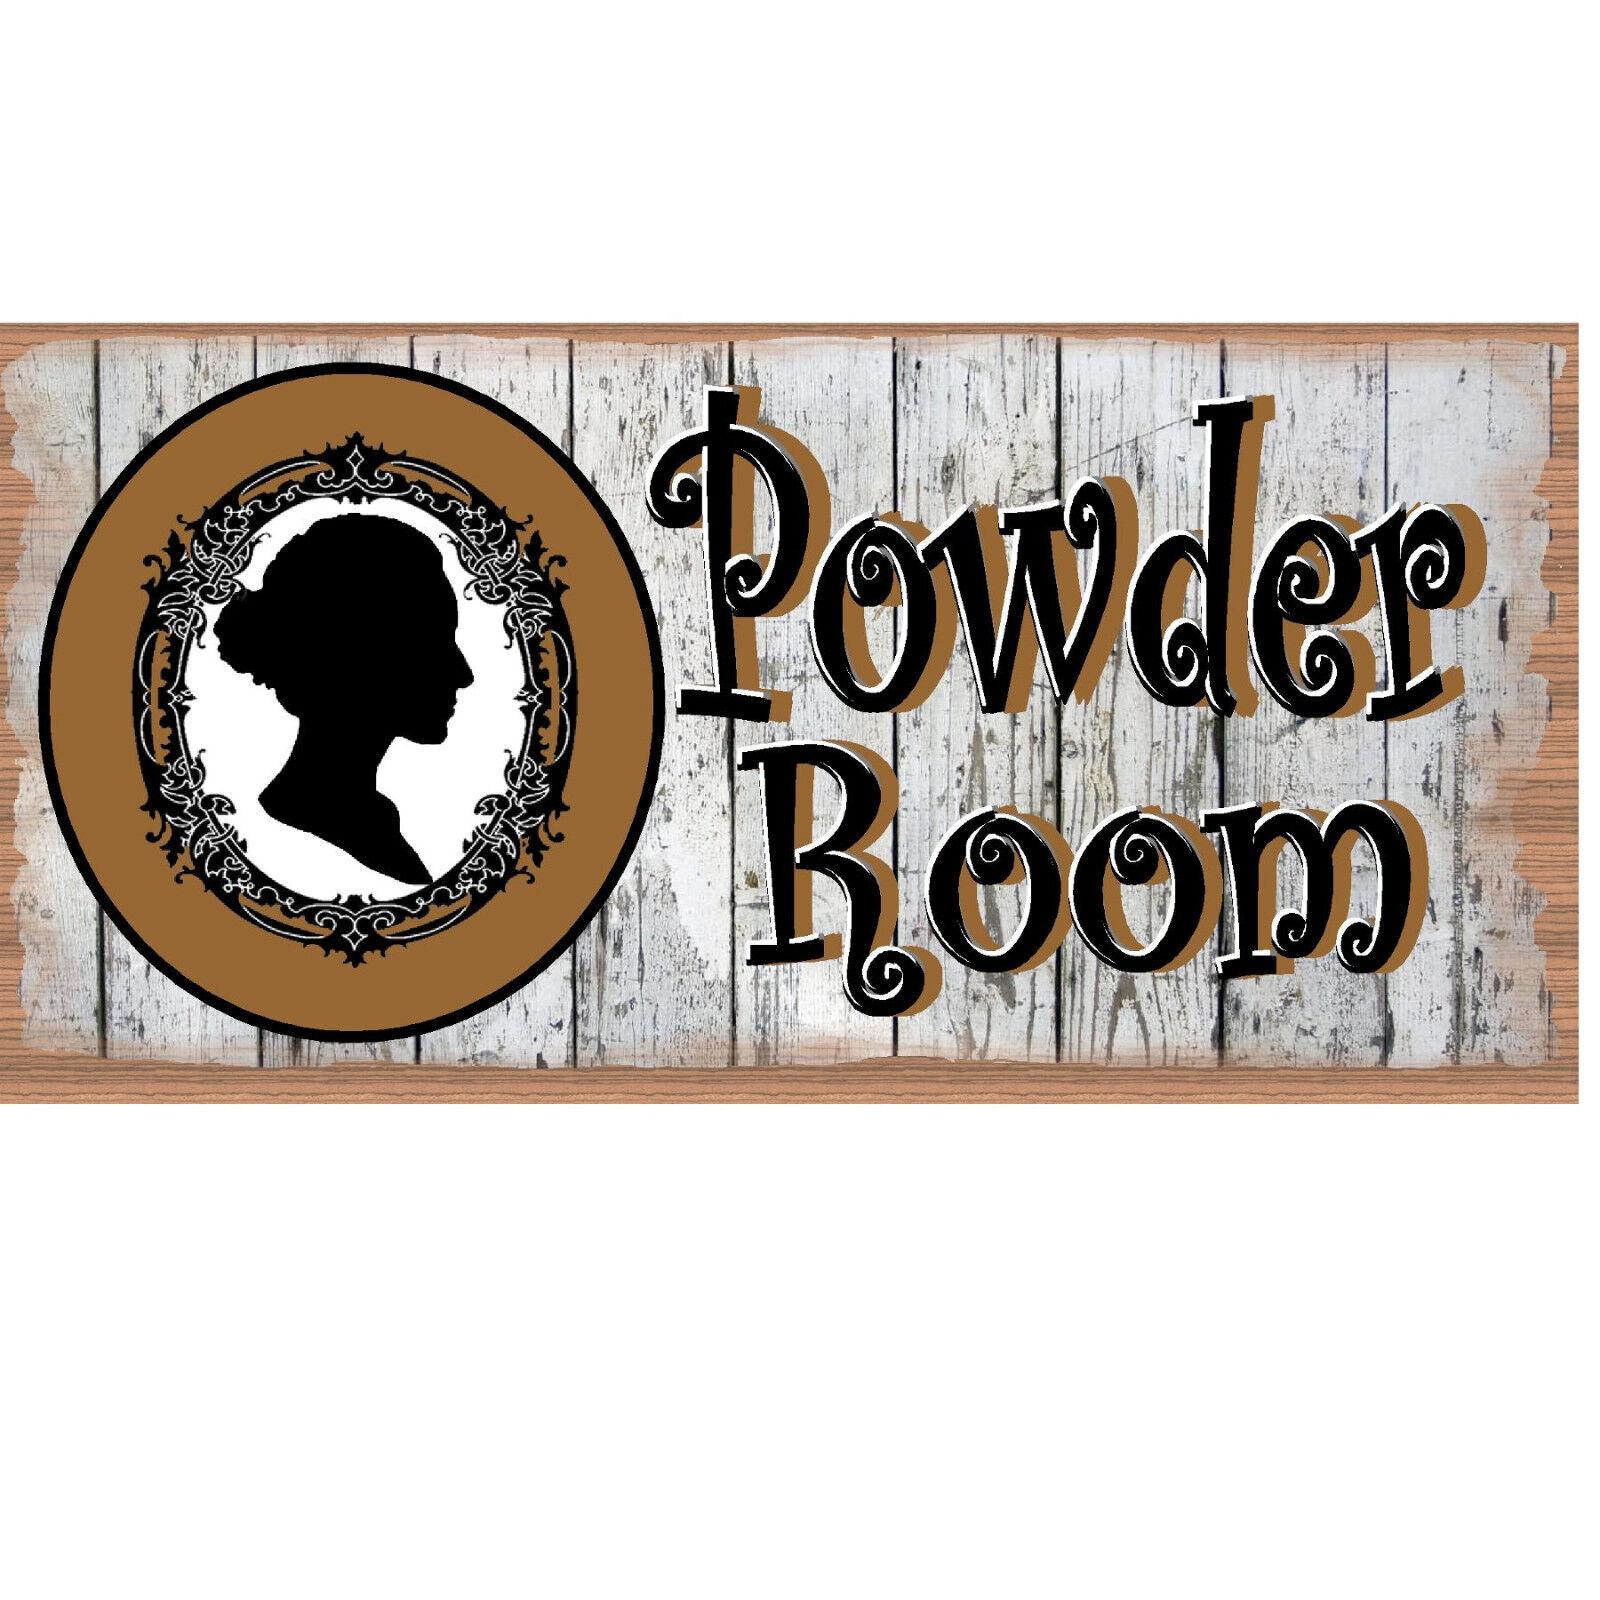 Powder Room - GS 2508 - Bathroom Plaque - Bathroom Sign